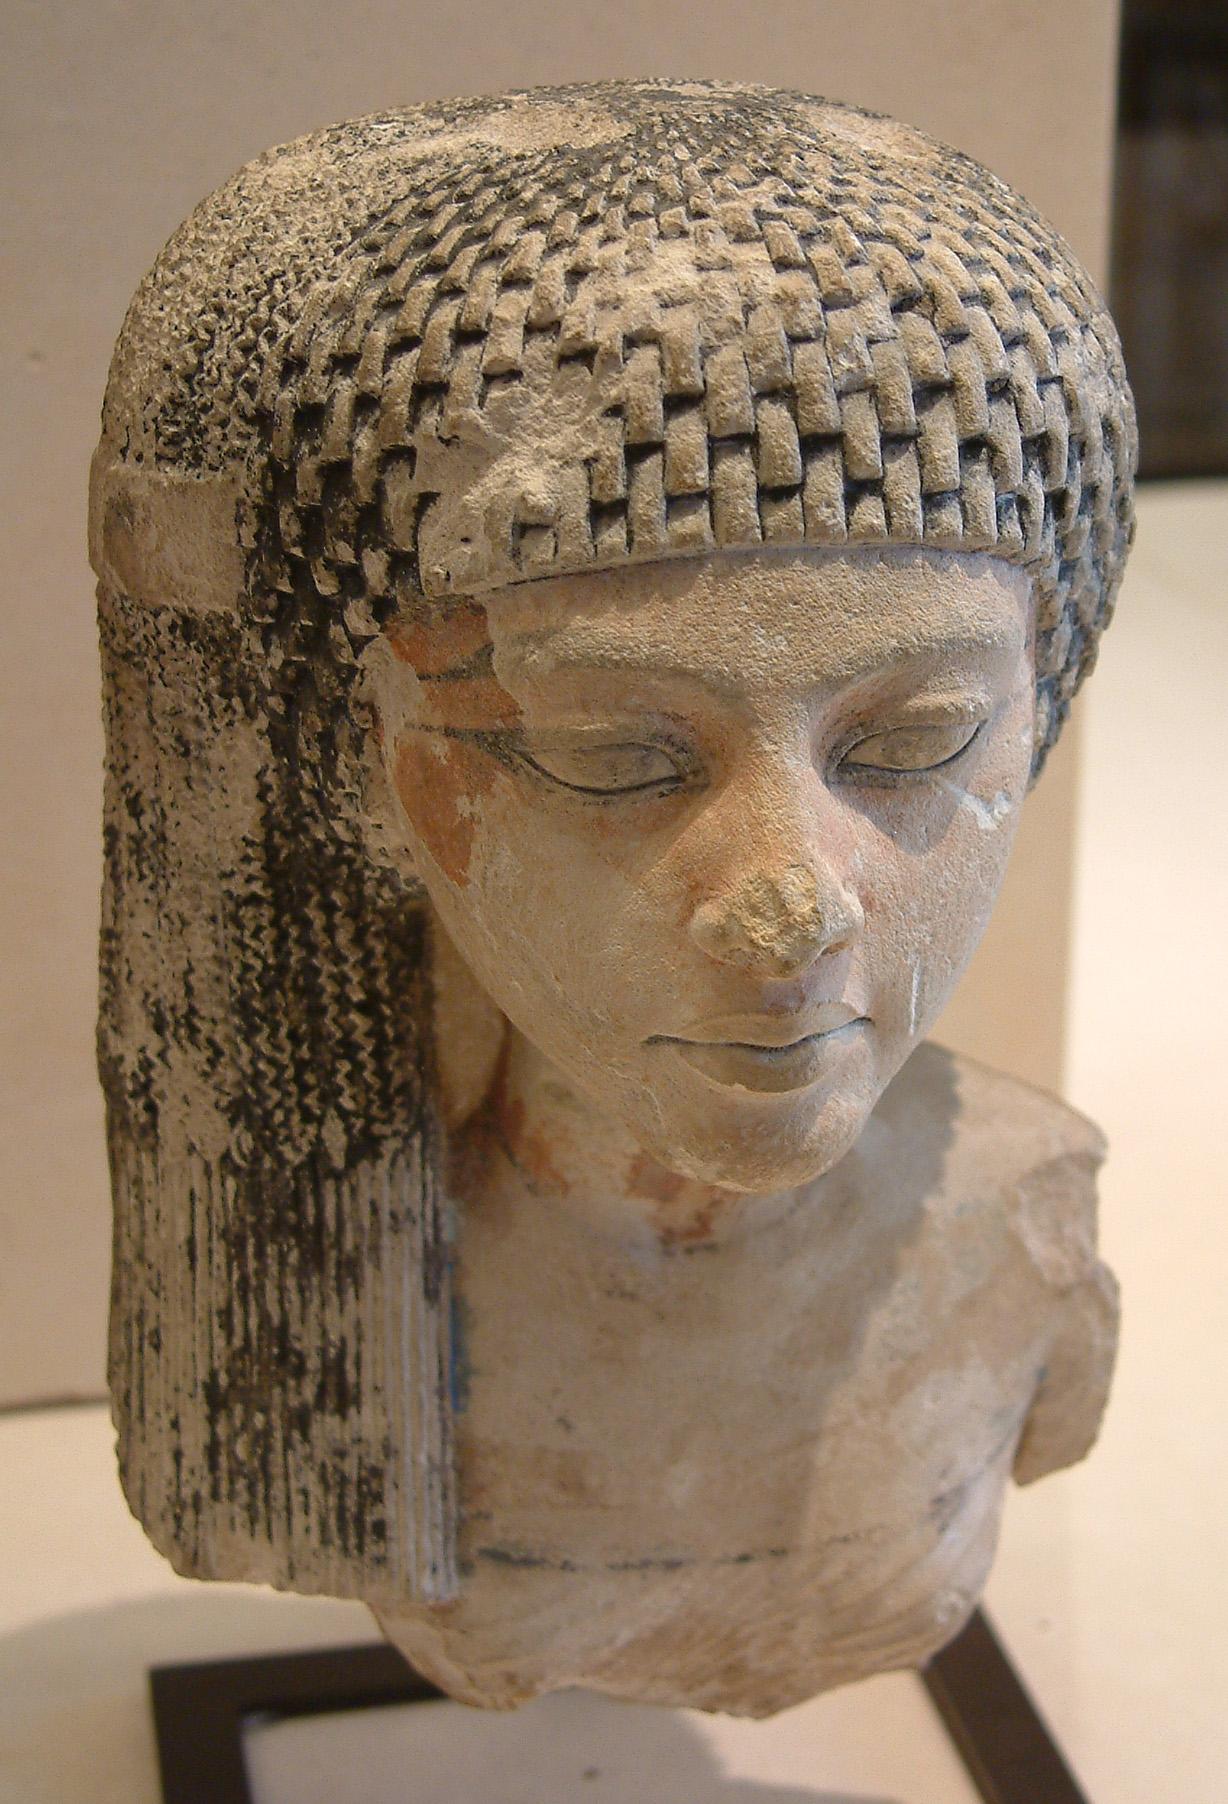 http://upload.wikimedia.org/wikipedia/commons/e/e5/Egypte_louvre_169_buste_de_femme.jpg